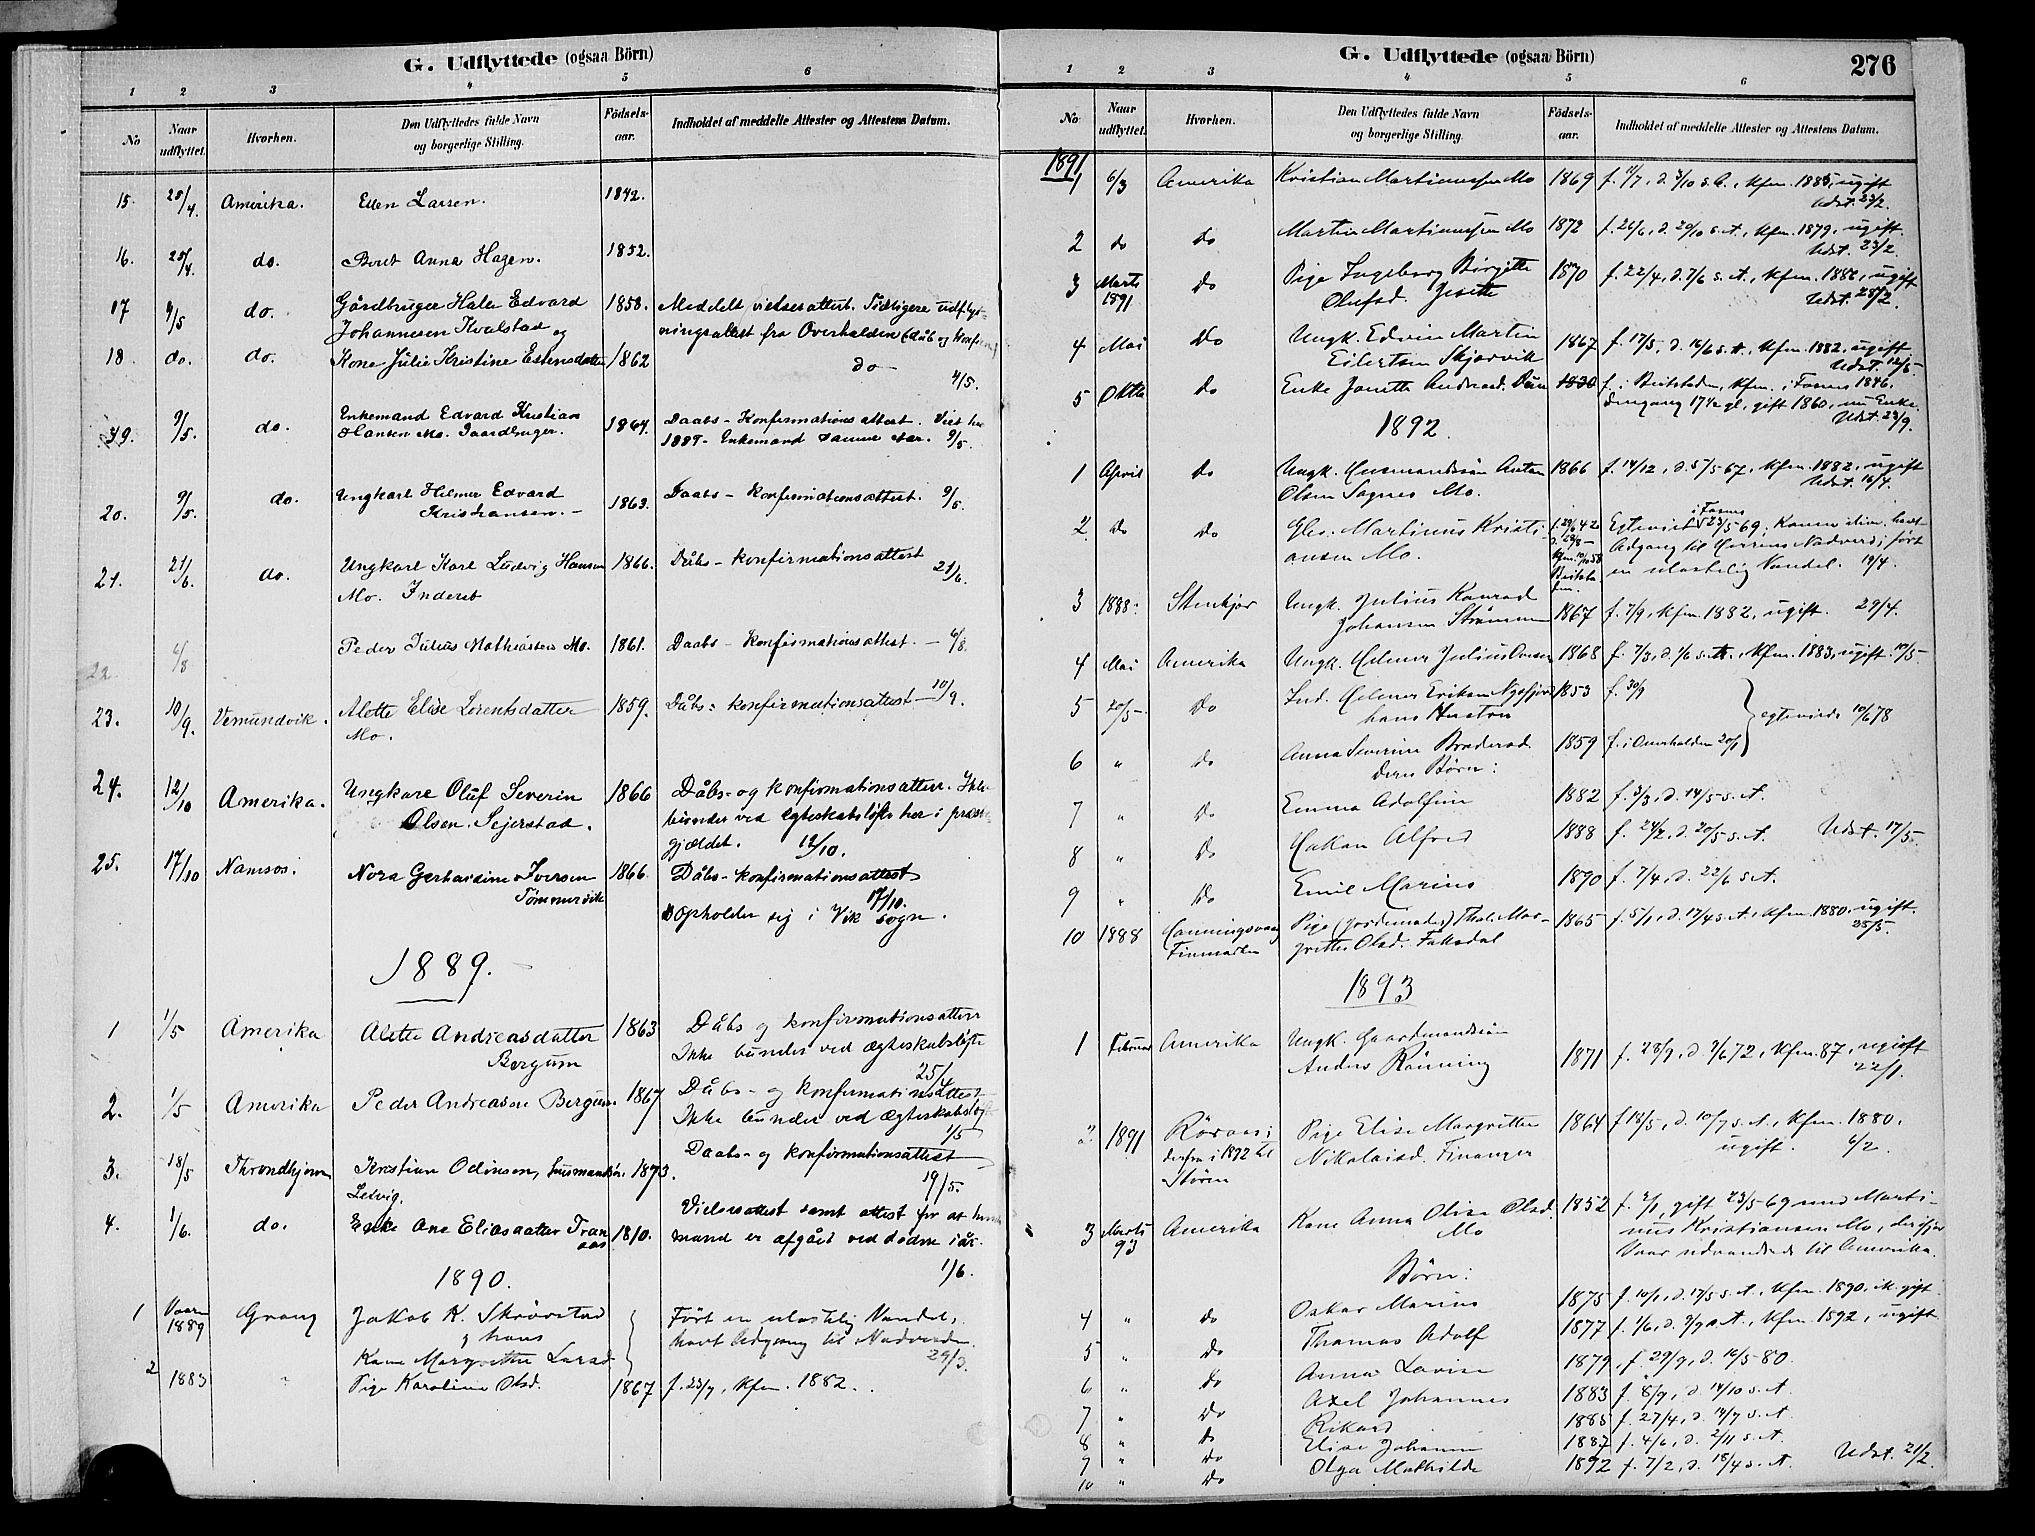 SAT, Ministerialprotokoller, klokkerbøker og fødselsregistre - Nord-Trøndelag, 773/L0617: Ministerialbok nr. 773A08, 1887-1910, s. 276